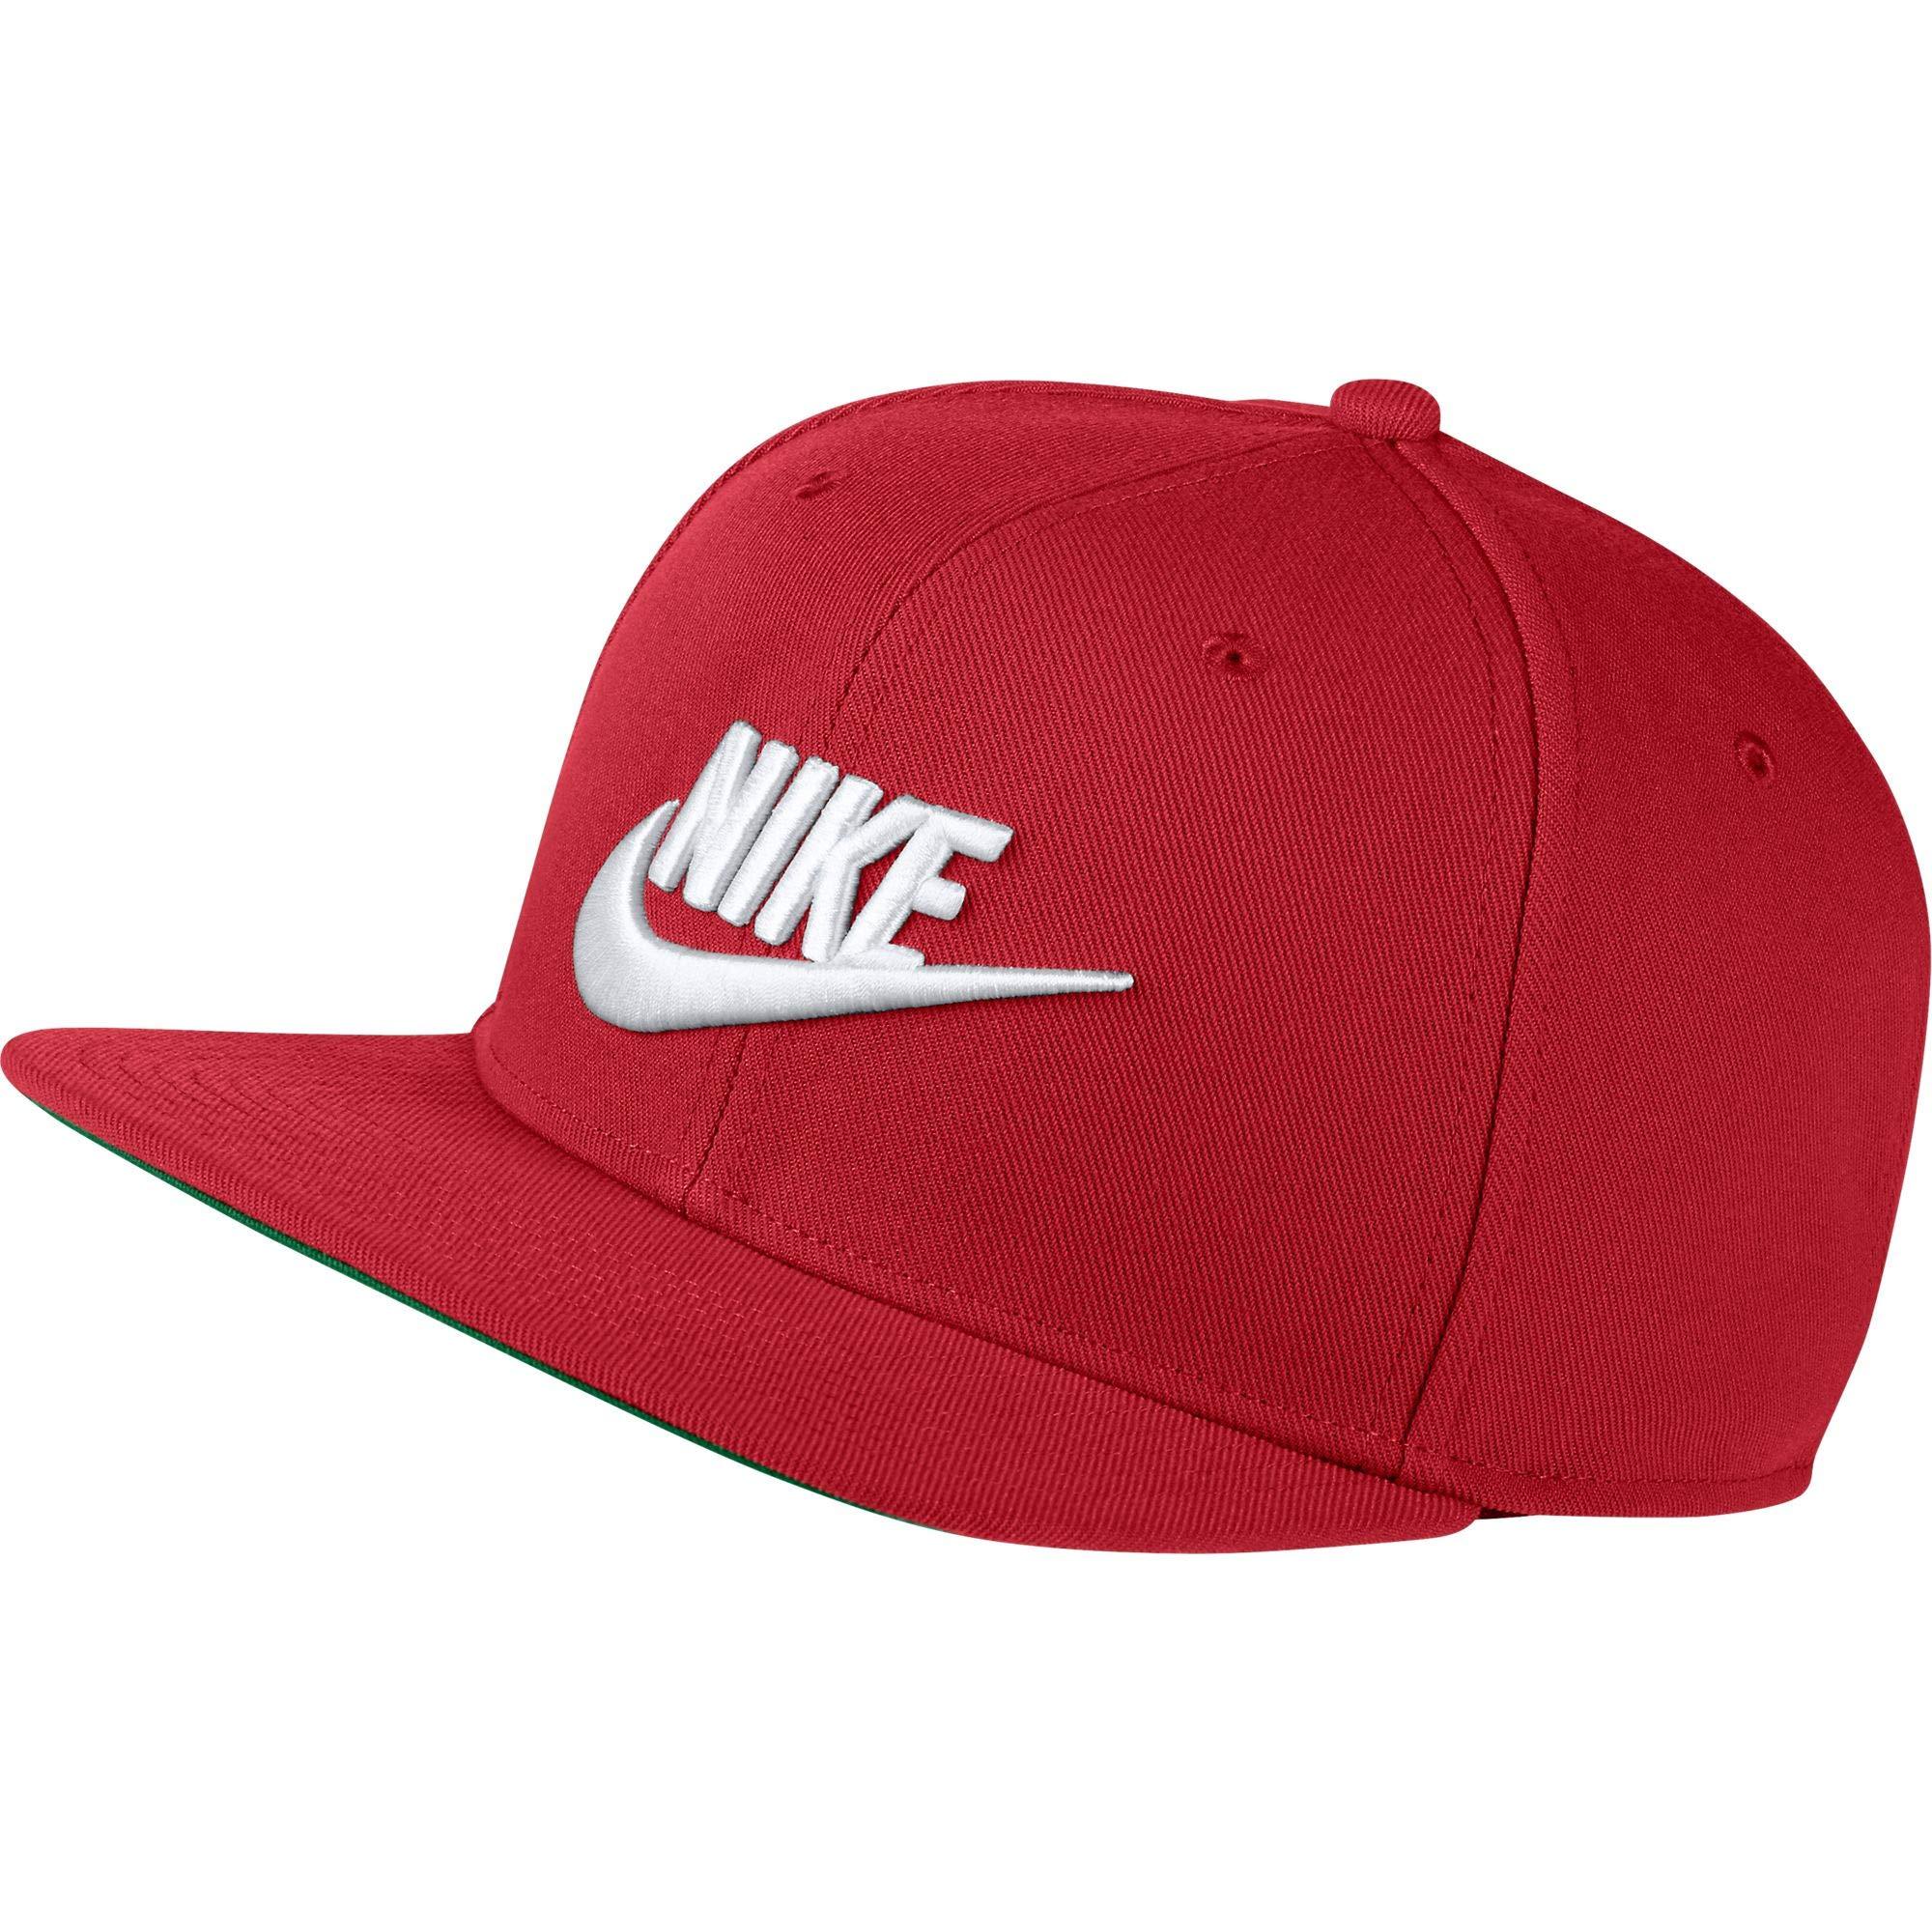 NIKE Unisex Sportswear Pro Cap (University Red, One Size)